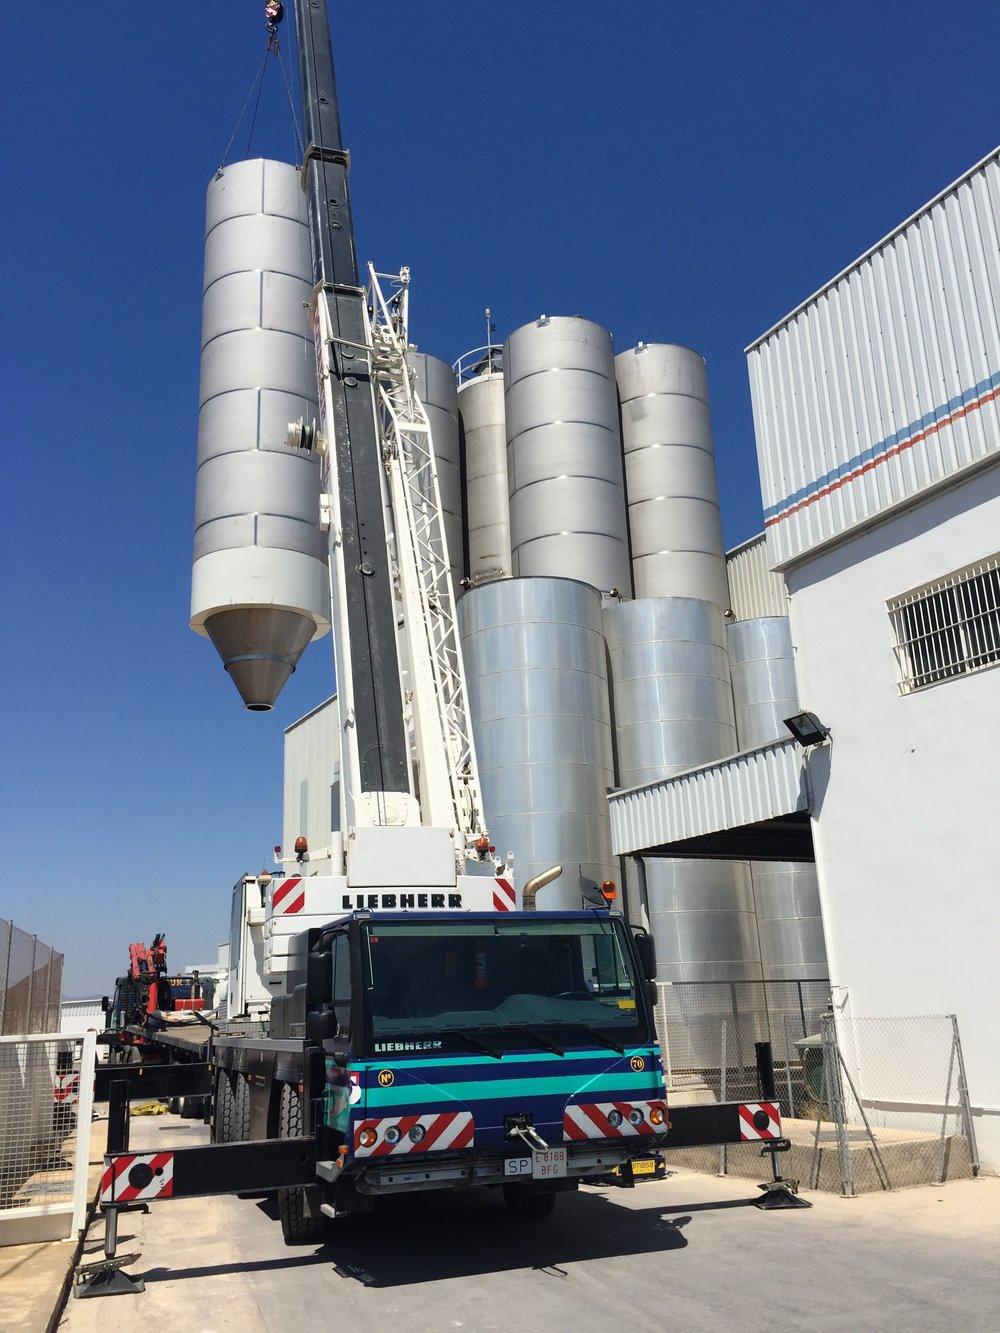 ESTRUCTURAS Y DEPÓSITOS: Proyectos llave en mano de almacenamiento de materias primas y transporte para procesos de fabricación de producto acabado.